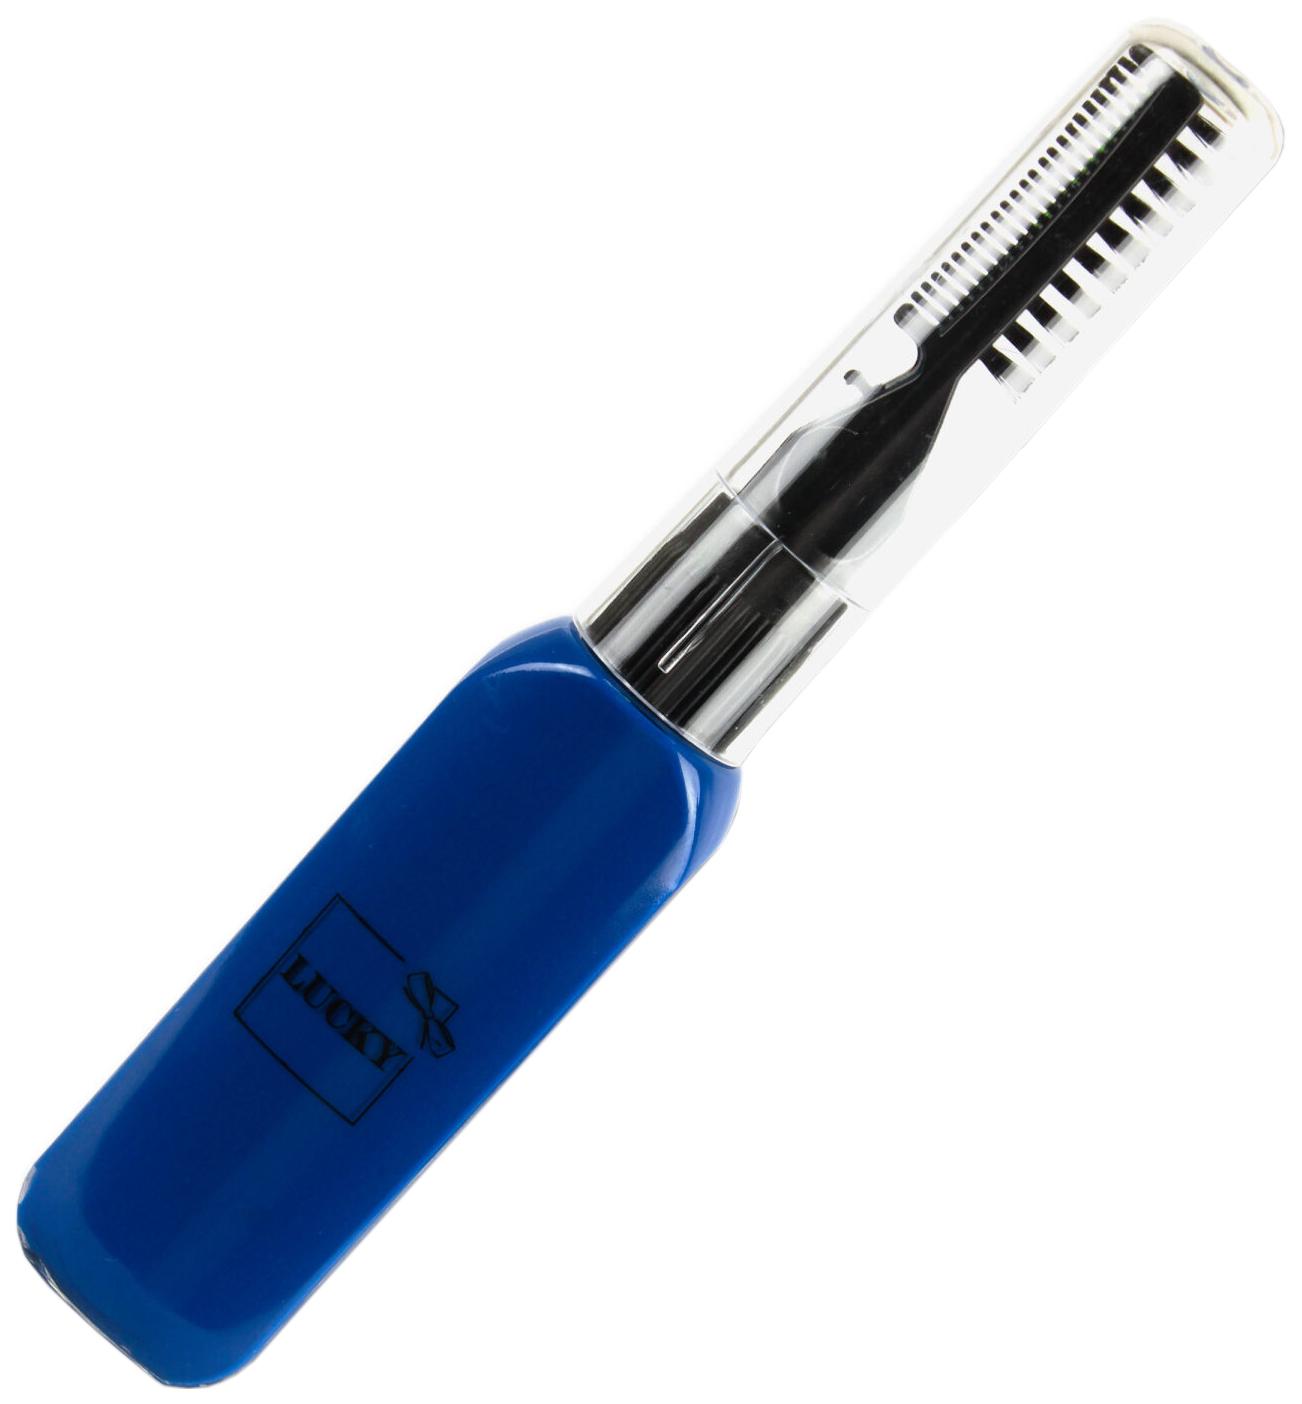 Купить Тушь для волос детская Lucky неоновый синий 3, 5 г, Наборы детской косметики